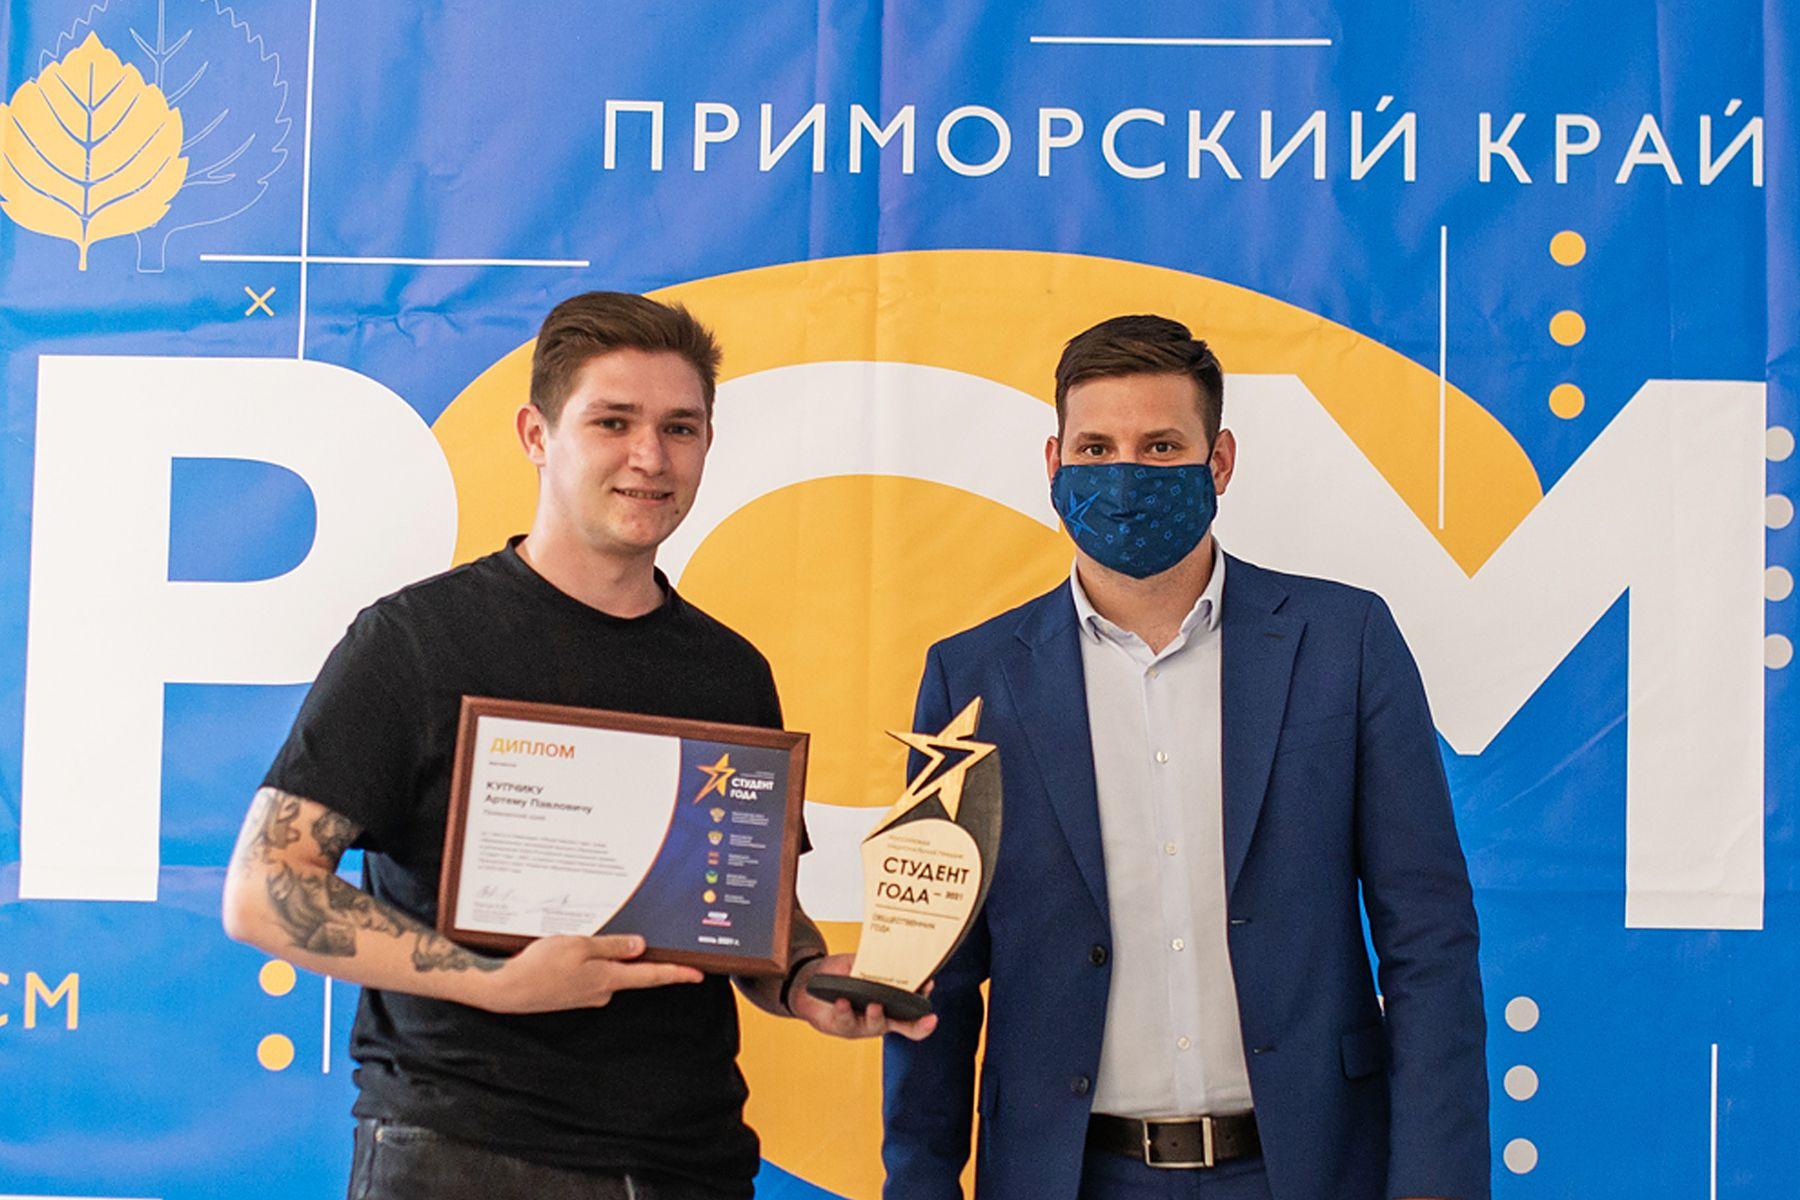 Артем Купчик, Анна Горохова и медиа-центр ВГУЭС MediaWave одержали победу в региональном этапе Российской премии «Студент года – 2021»